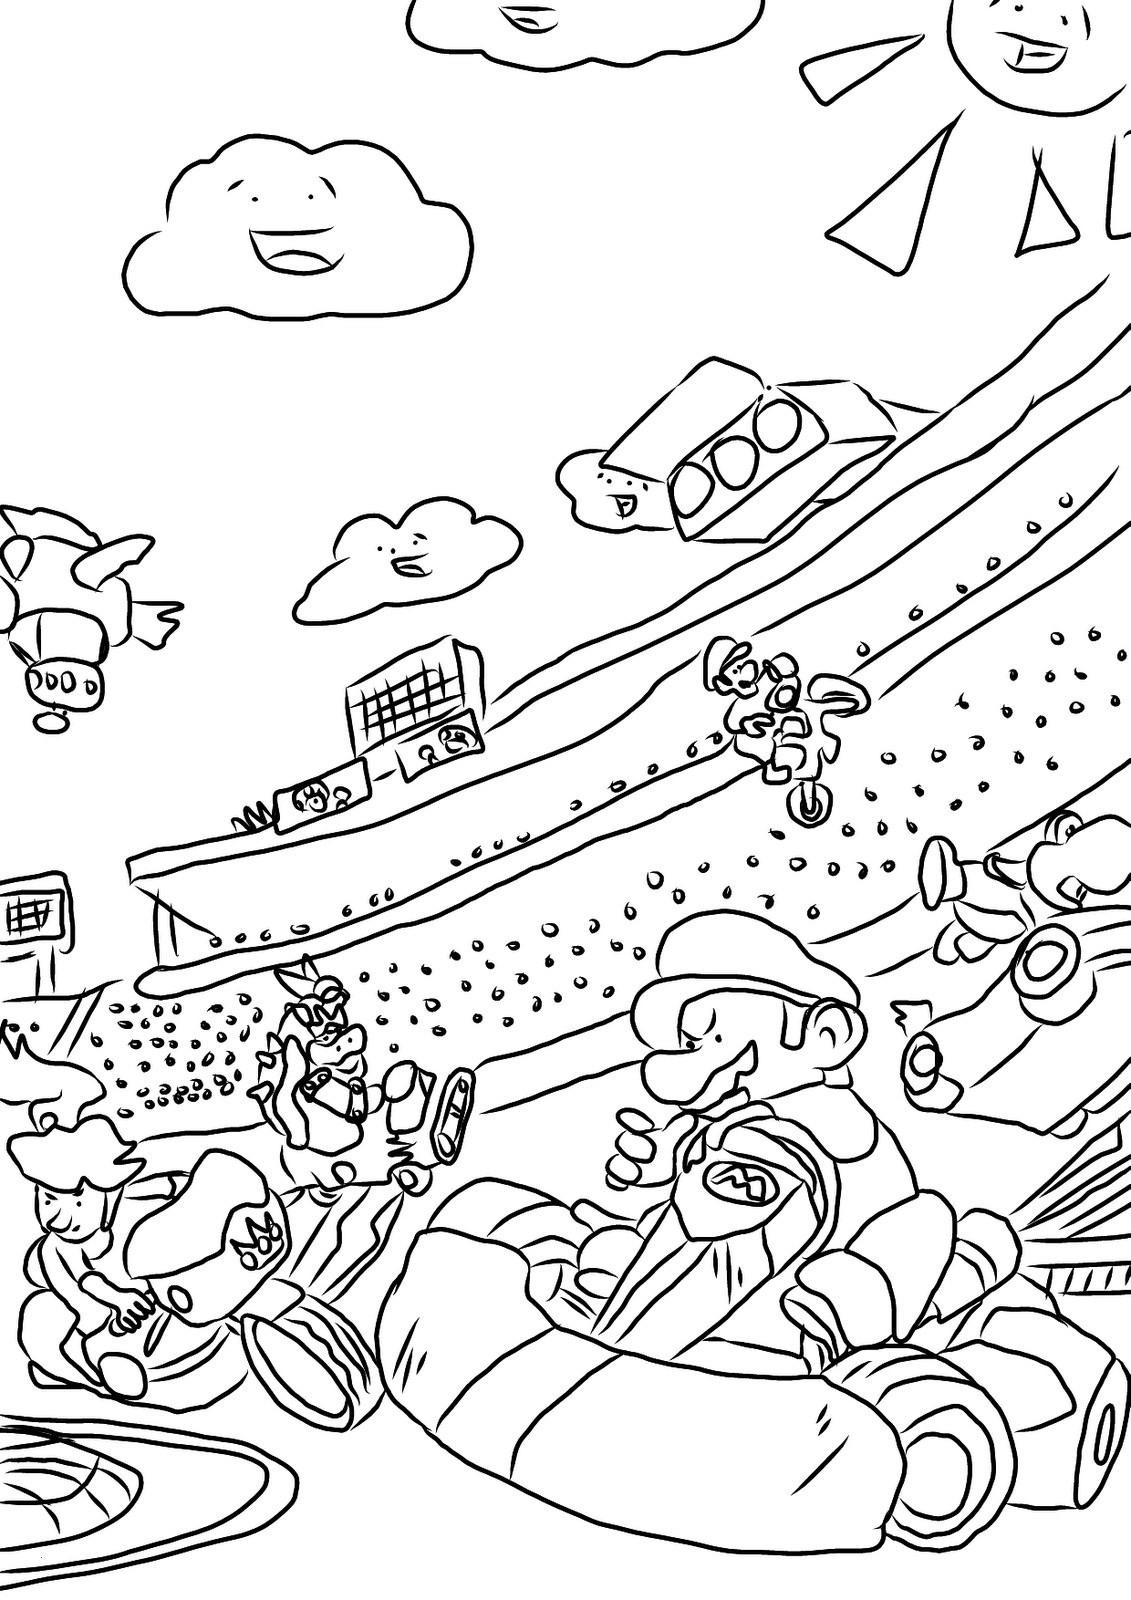 Mario Kart Ausmalbild Genial 37 Super Mario Kart Ausmalbilder Scoredatscore Inspirierend Super Fotografieren